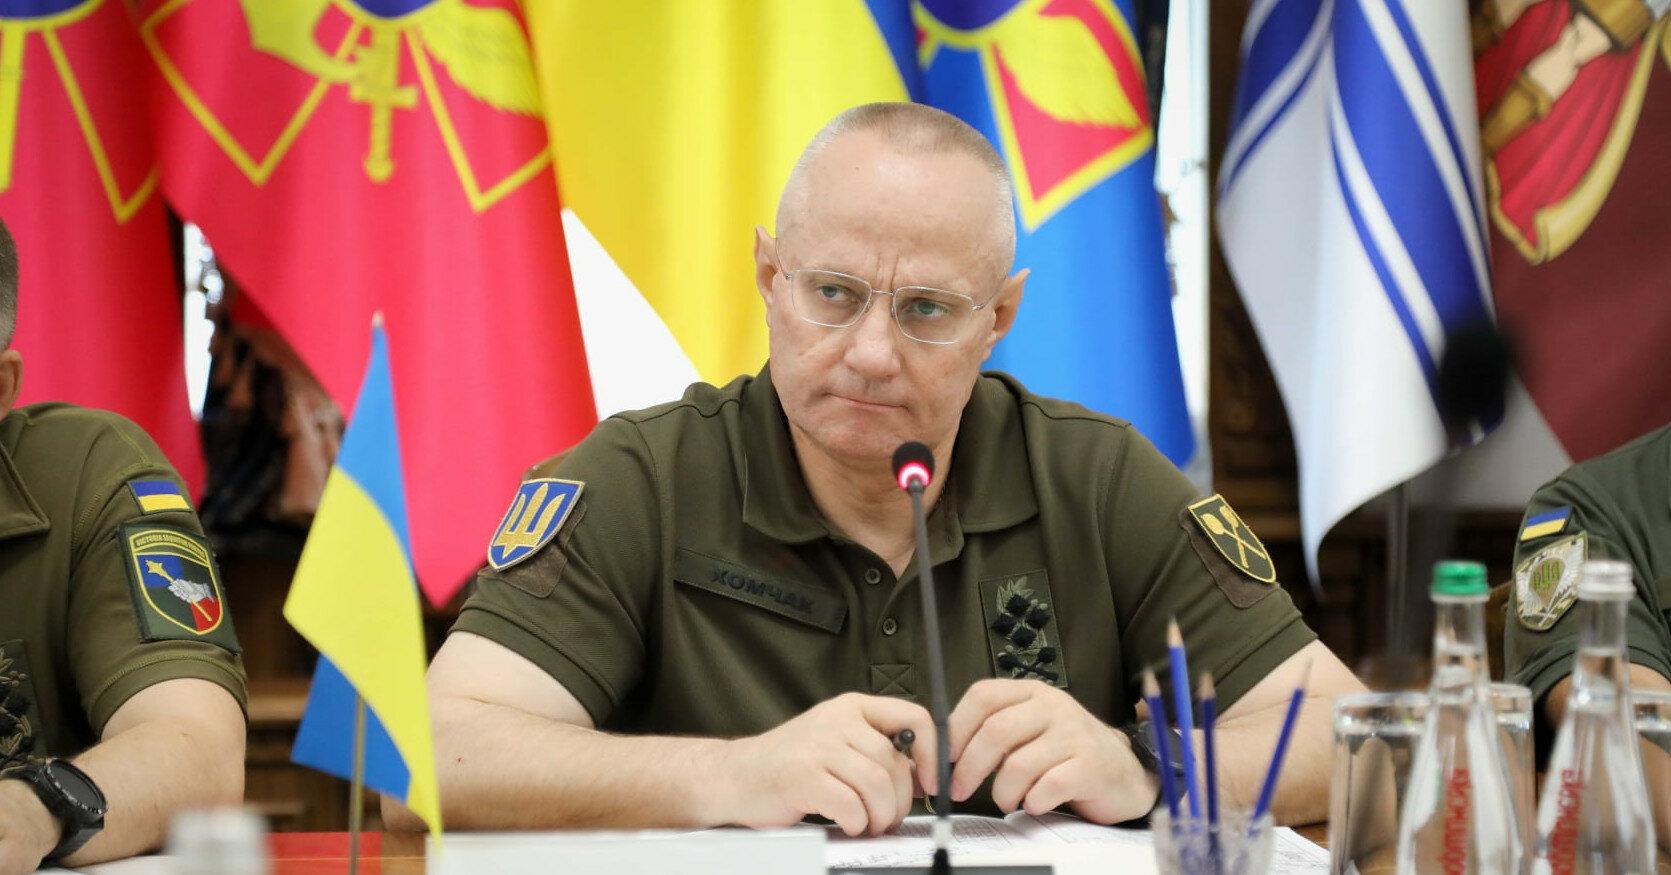 Арестович назвал причину увольнения Хомчака и командиров ВСУ